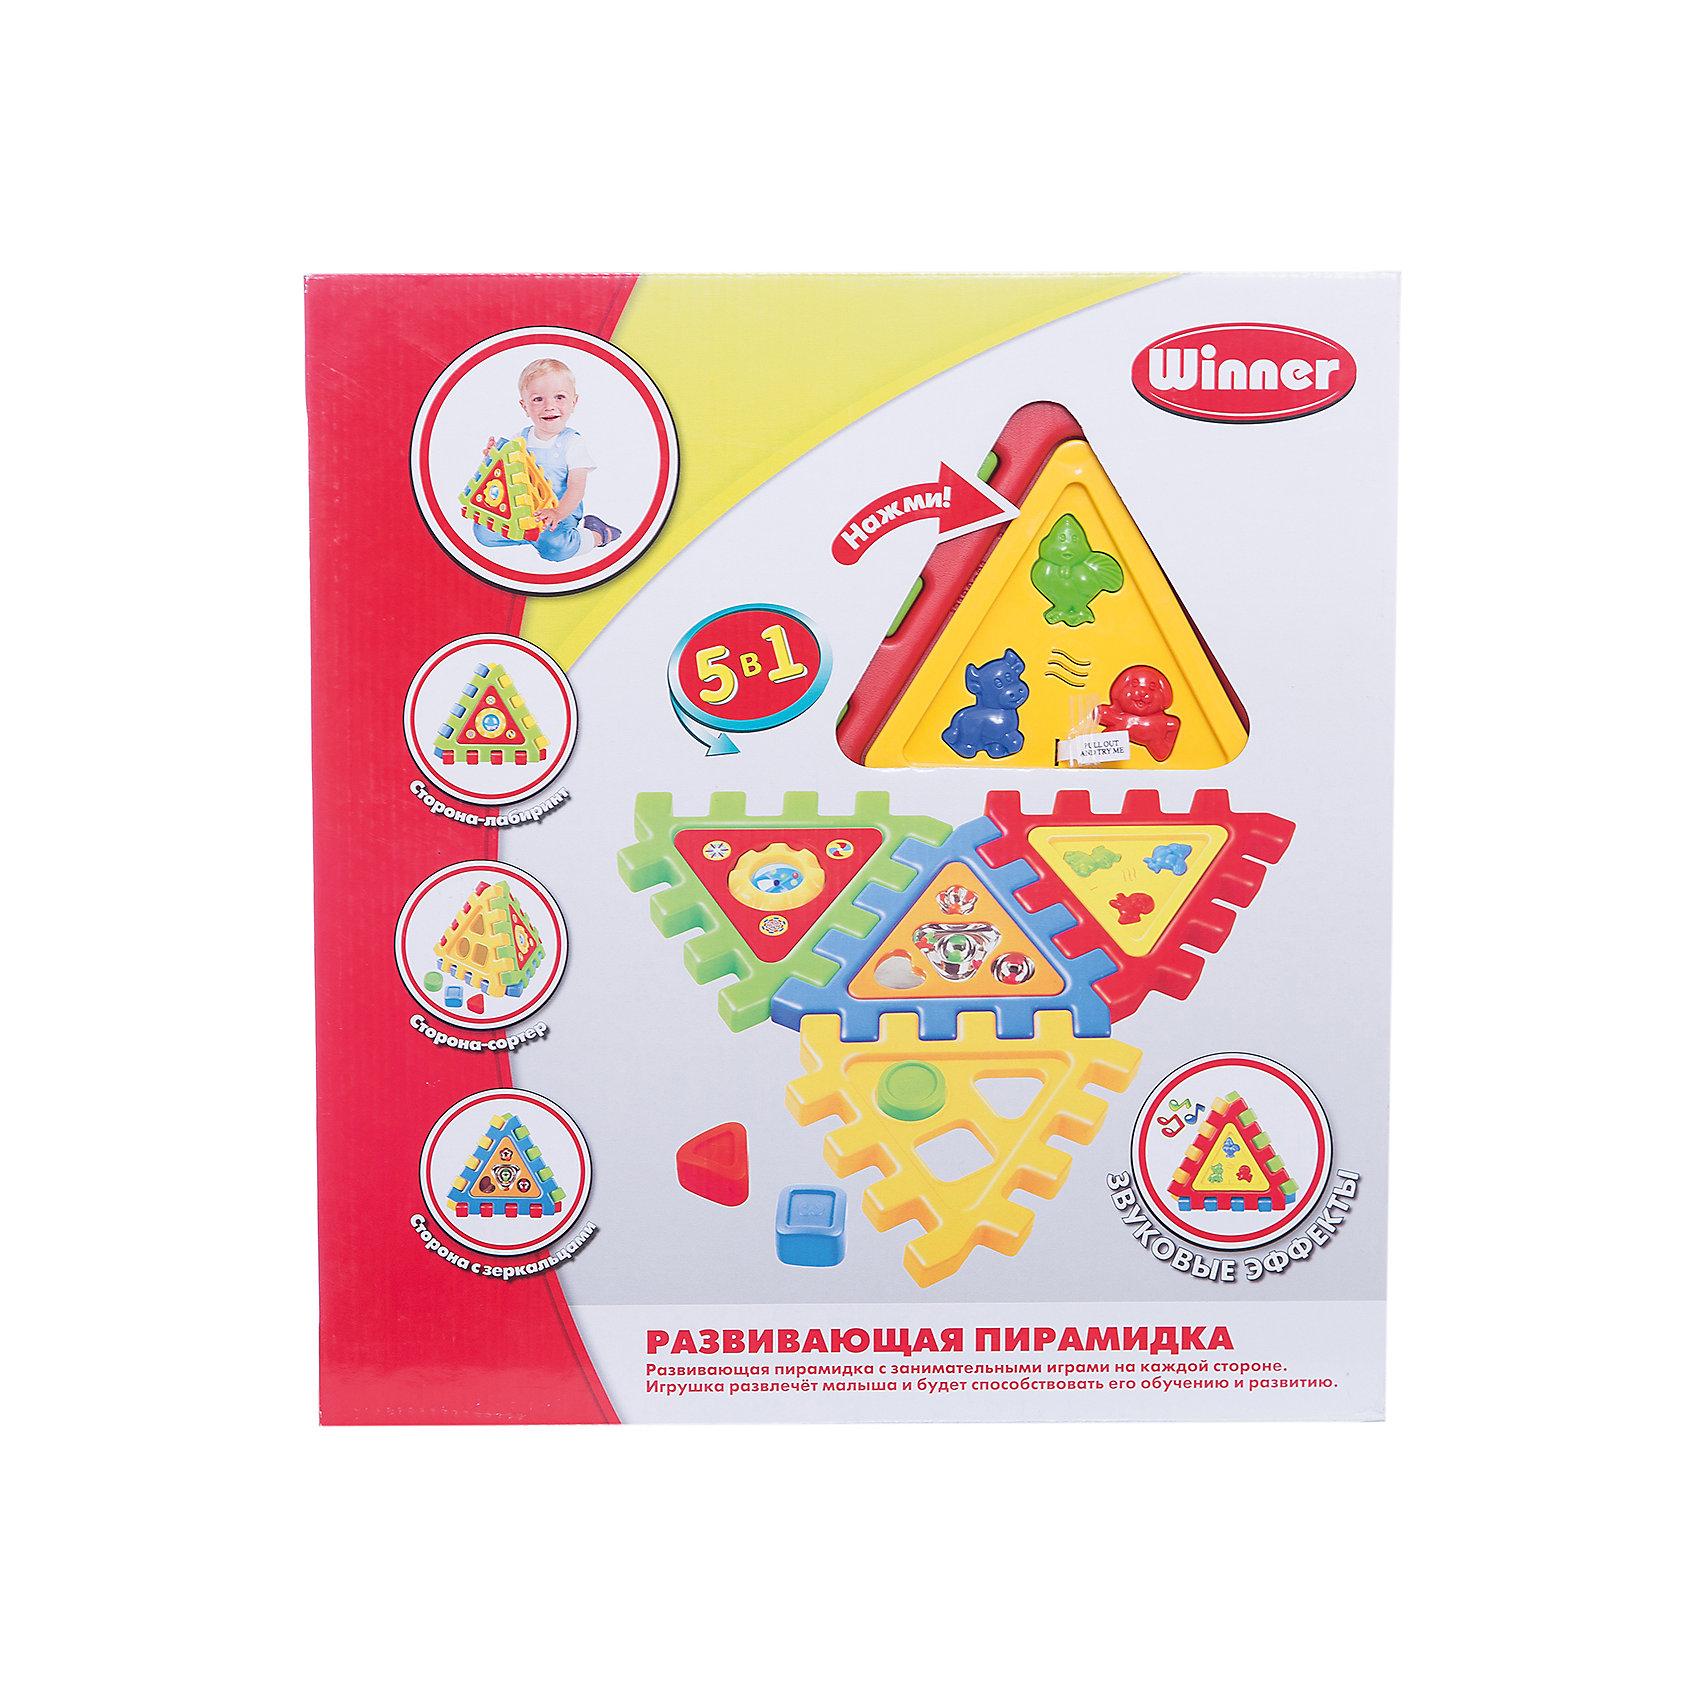 Winner Пирамидка, электроннаяПирамидки<br>Развивающая электронная игрушка с звуковыми эффектами для самых маленьких. Стимулирует творческие способности, игровые навыки и воображение у детей любого возраста, а также способствует развитию мелкой моторики. <br>Собирается пирамидкой либо в виде коврика из 4х игровых панелей: сортер ( в форме круг, квадрат, треугольник), панель с озвучкой  животных (кнопочки корова, цыпленок, собака), панель с зеркальцами, панель с лабиринтом. <br><br>Дополнительная информация:<br><br>- В комплект входят: 4 игровые панели для сбора пирамидки, три формочки для сортера.<br>- Варианты сборки: в виде коврика либо пирамидки.<br>- Размер игрушки 22x26x26 см.<br><br> Игрушка развлечёт малыша и будет способствовать его обучению и развитию.<br><br>Ширина мм: 40<br>Глубина мм: 400<br>Высота мм: 580<br>Вес г: 950<br>Возраст от месяцев: 36<br>Возраст до месяцев: 108<br>Пол: Мужской<br>Возраст: Детский<br>SKU: 3261715